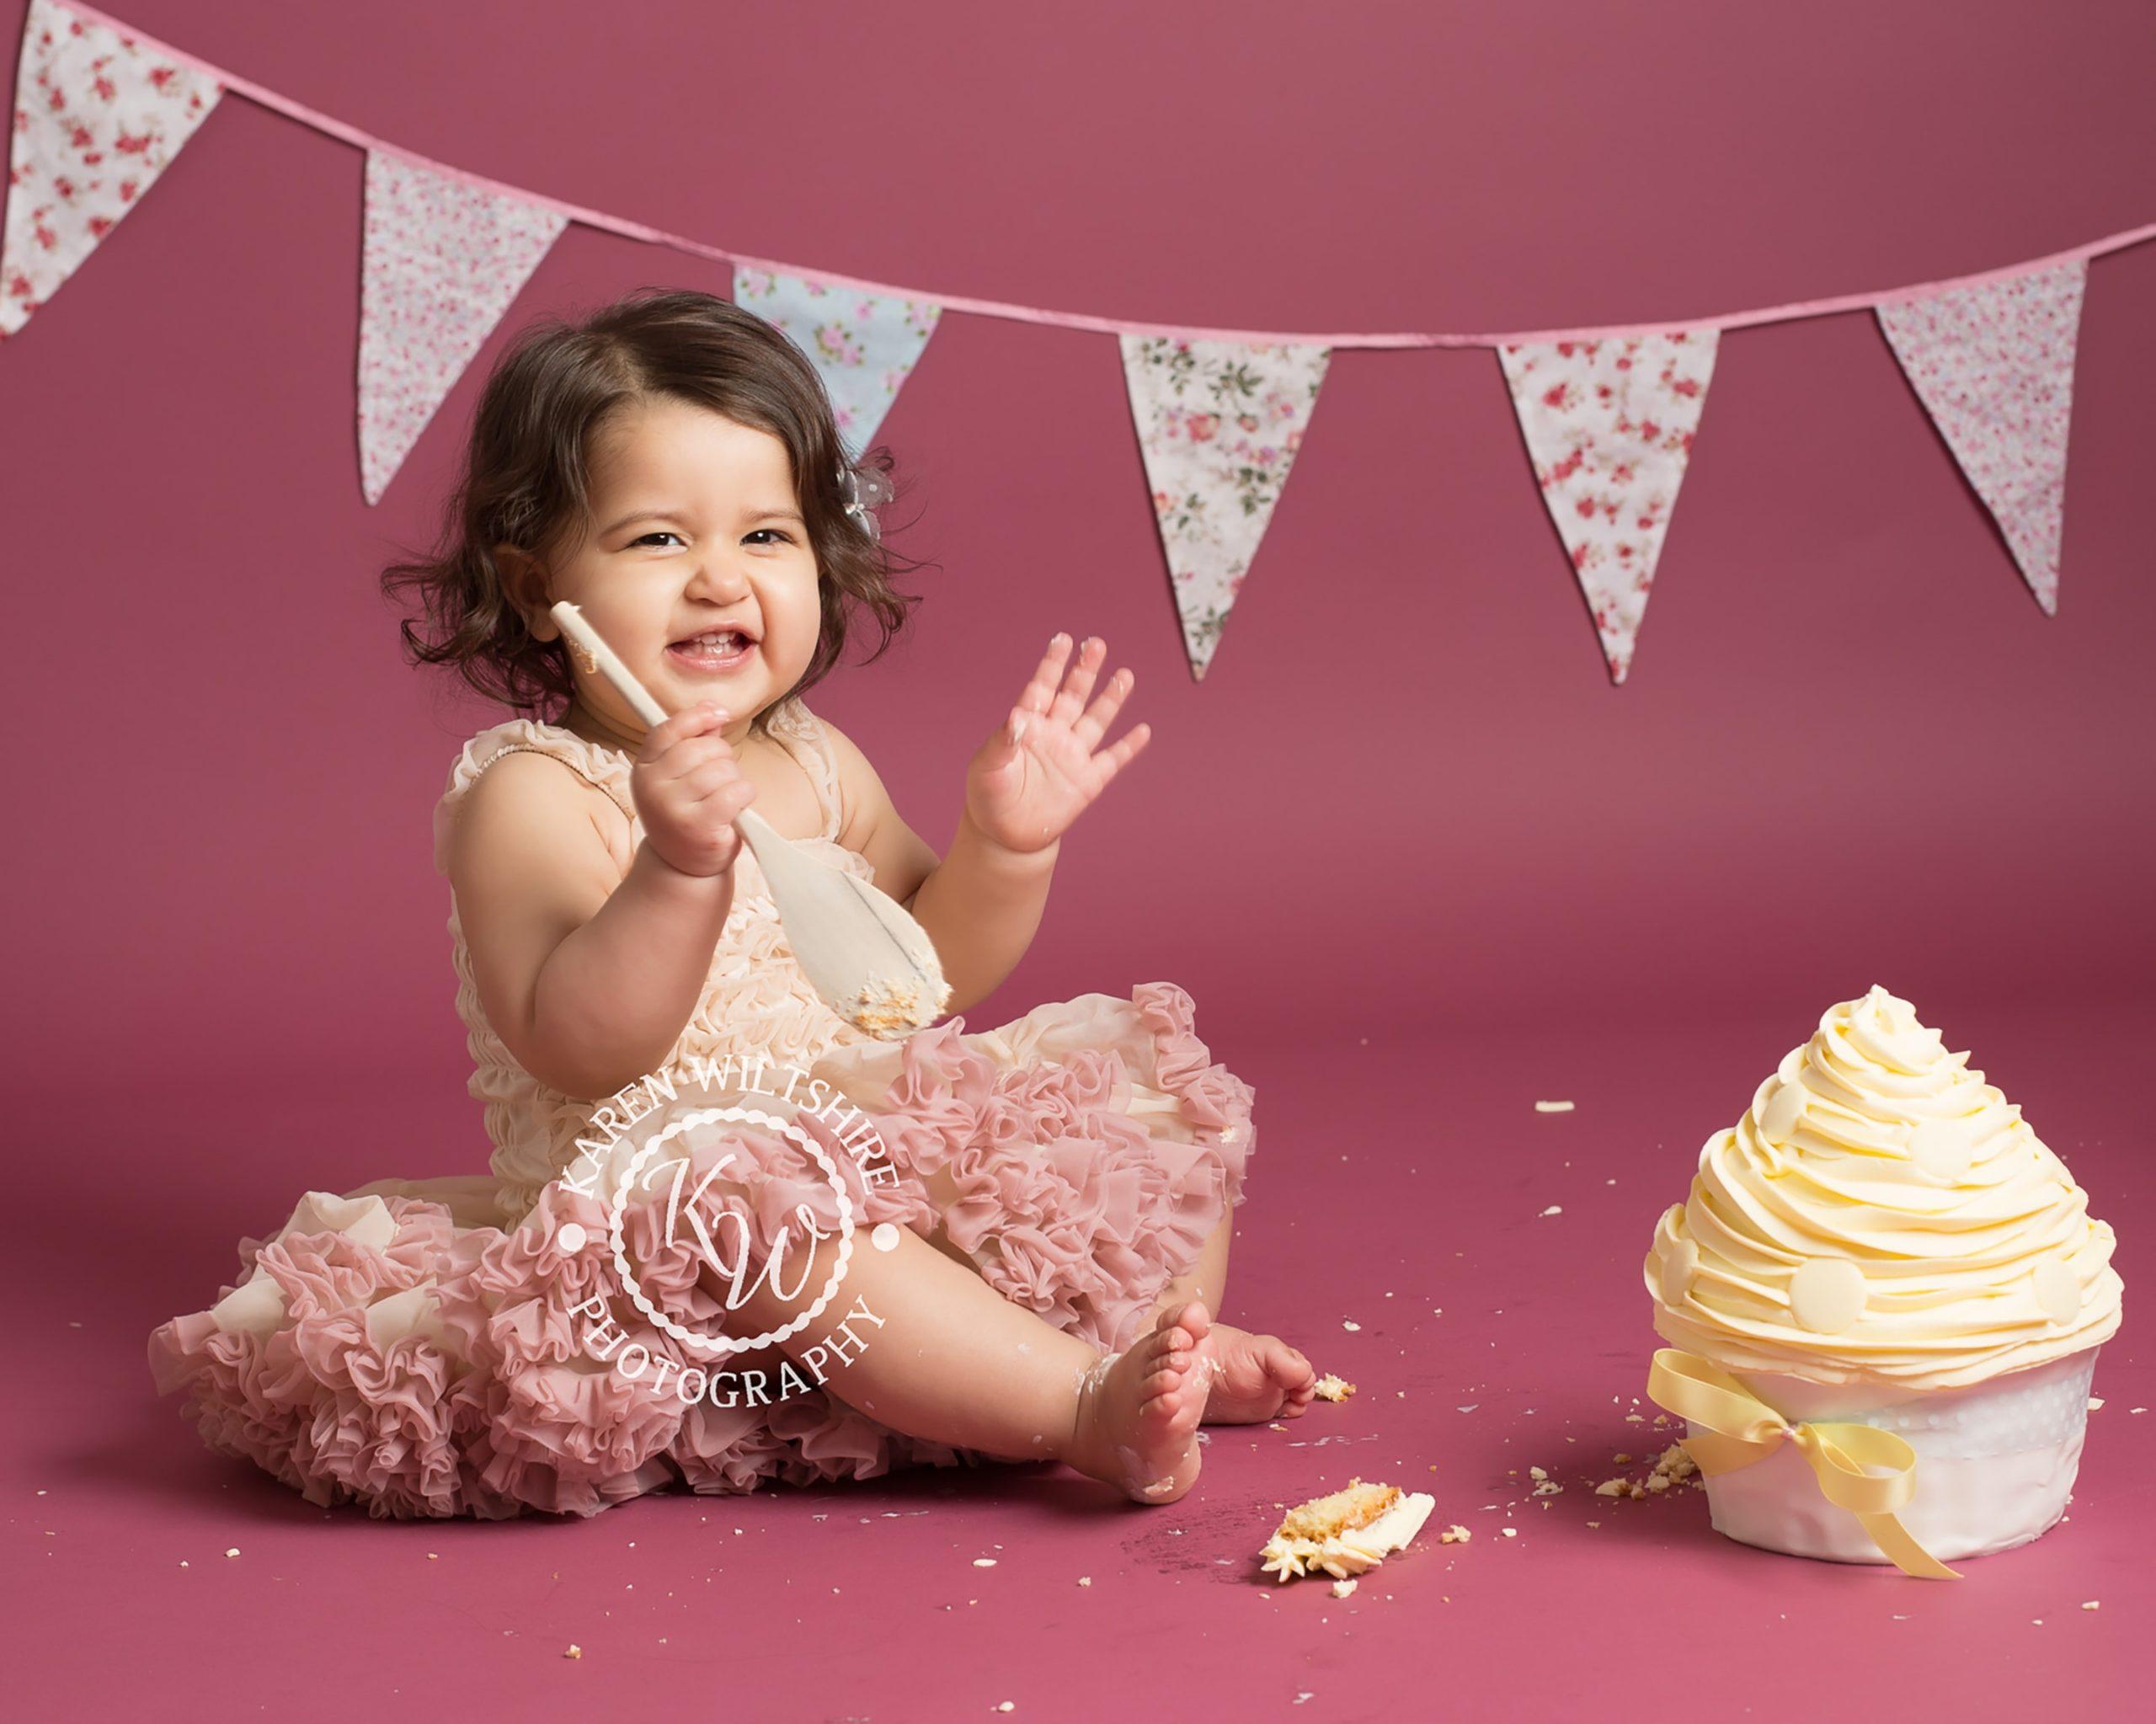 Baby girl in tutu smashing cake